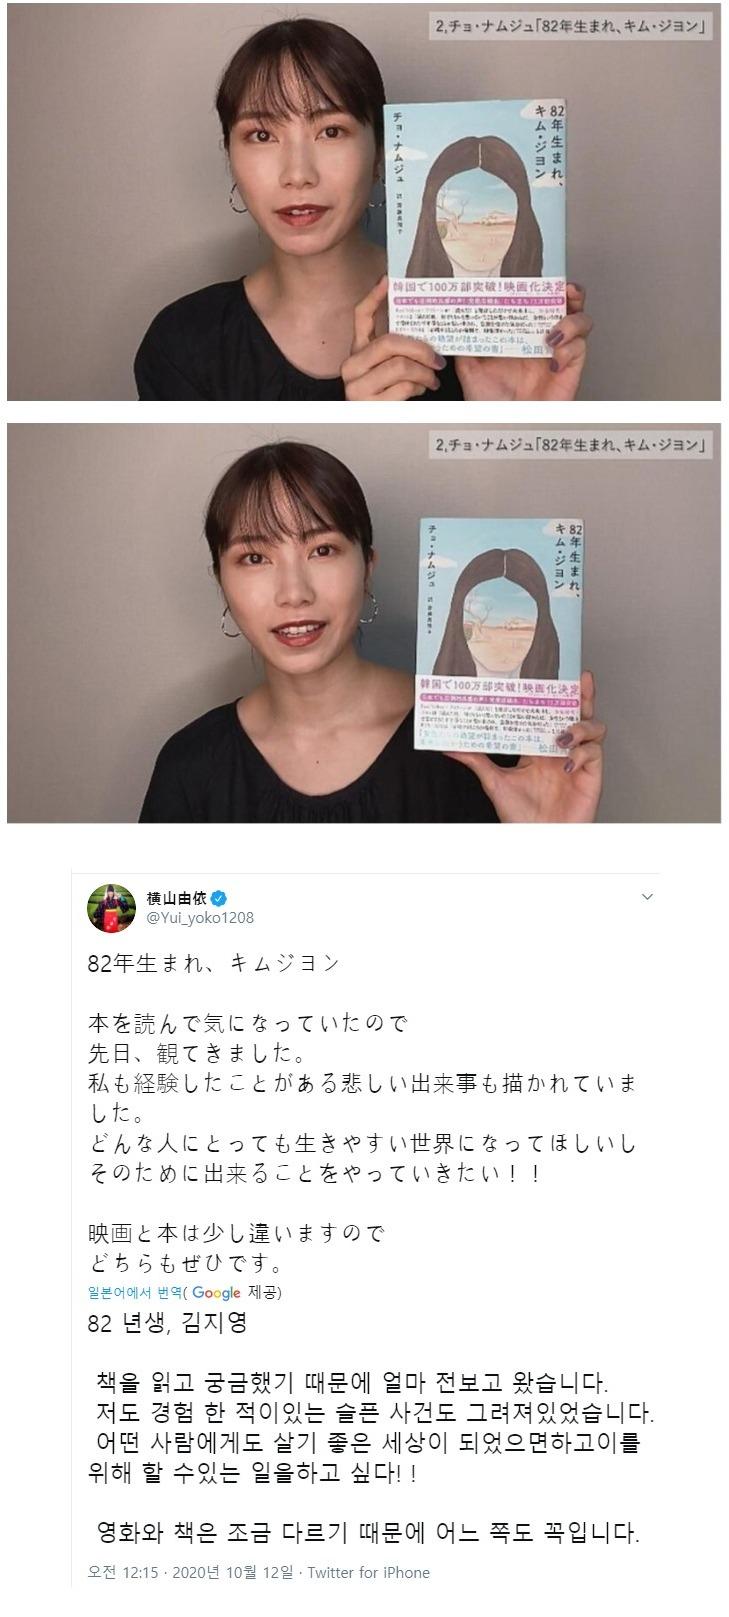 일본 아이돌의 82년생 김지영 후기